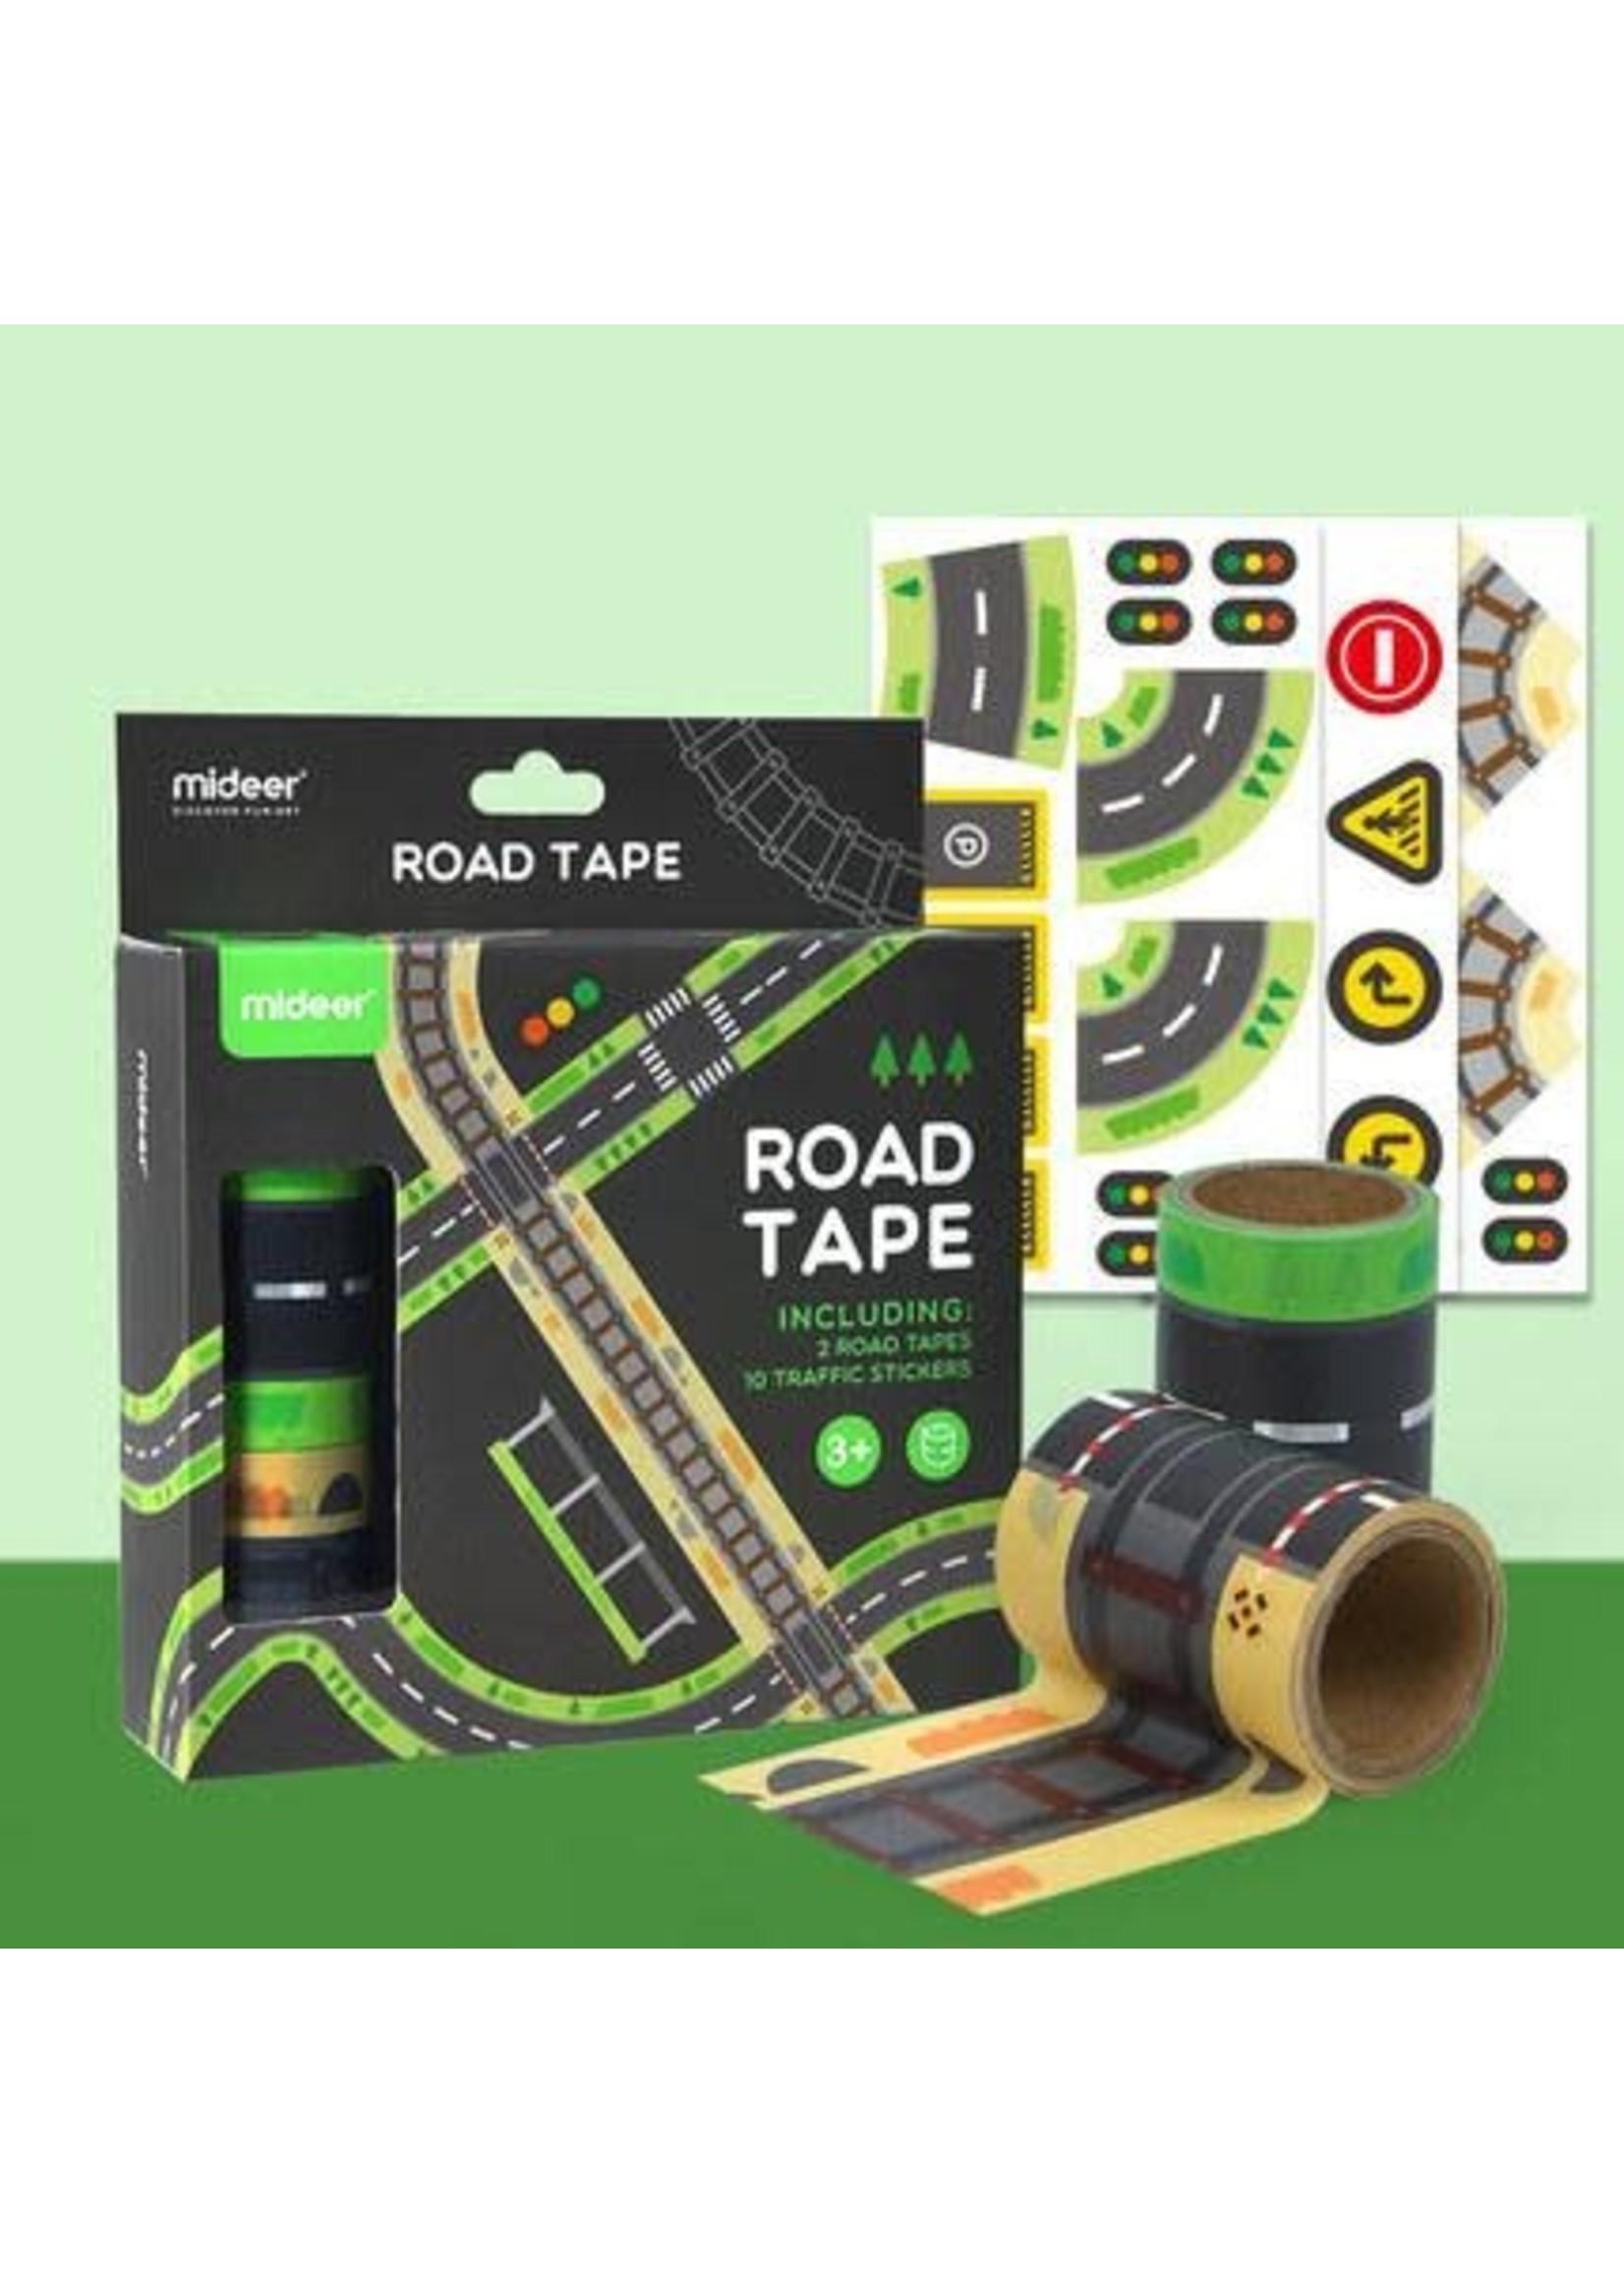 Mideer Mideer Road Tape